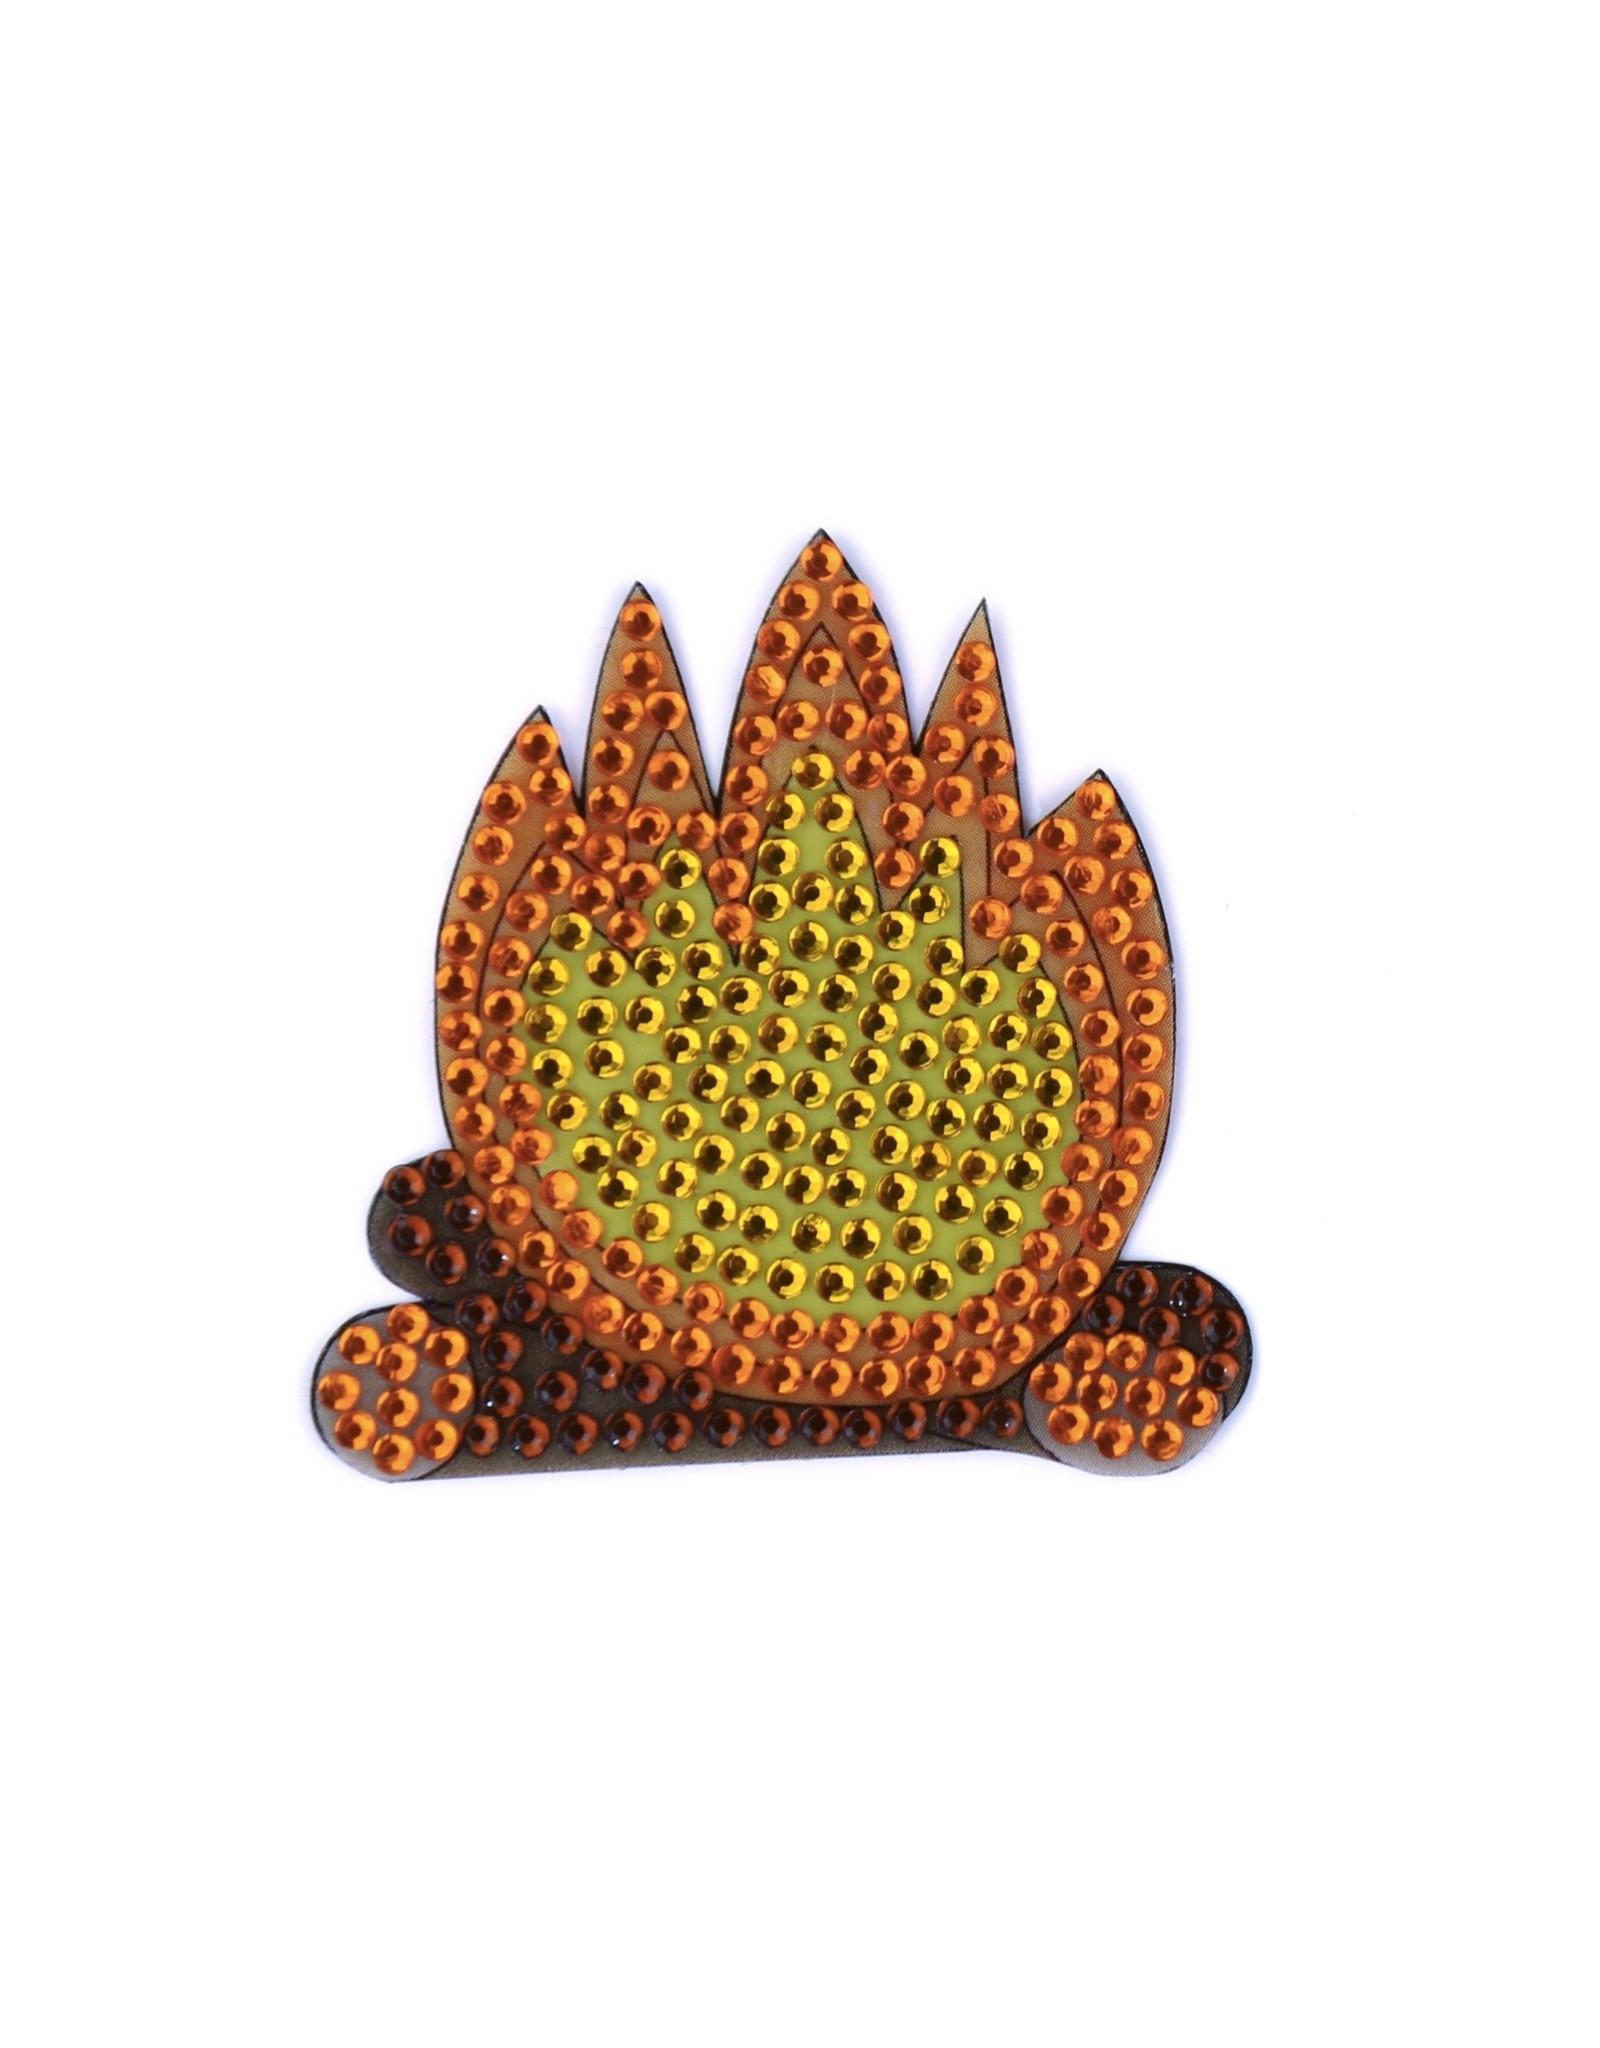 Sticker Beans Campfire